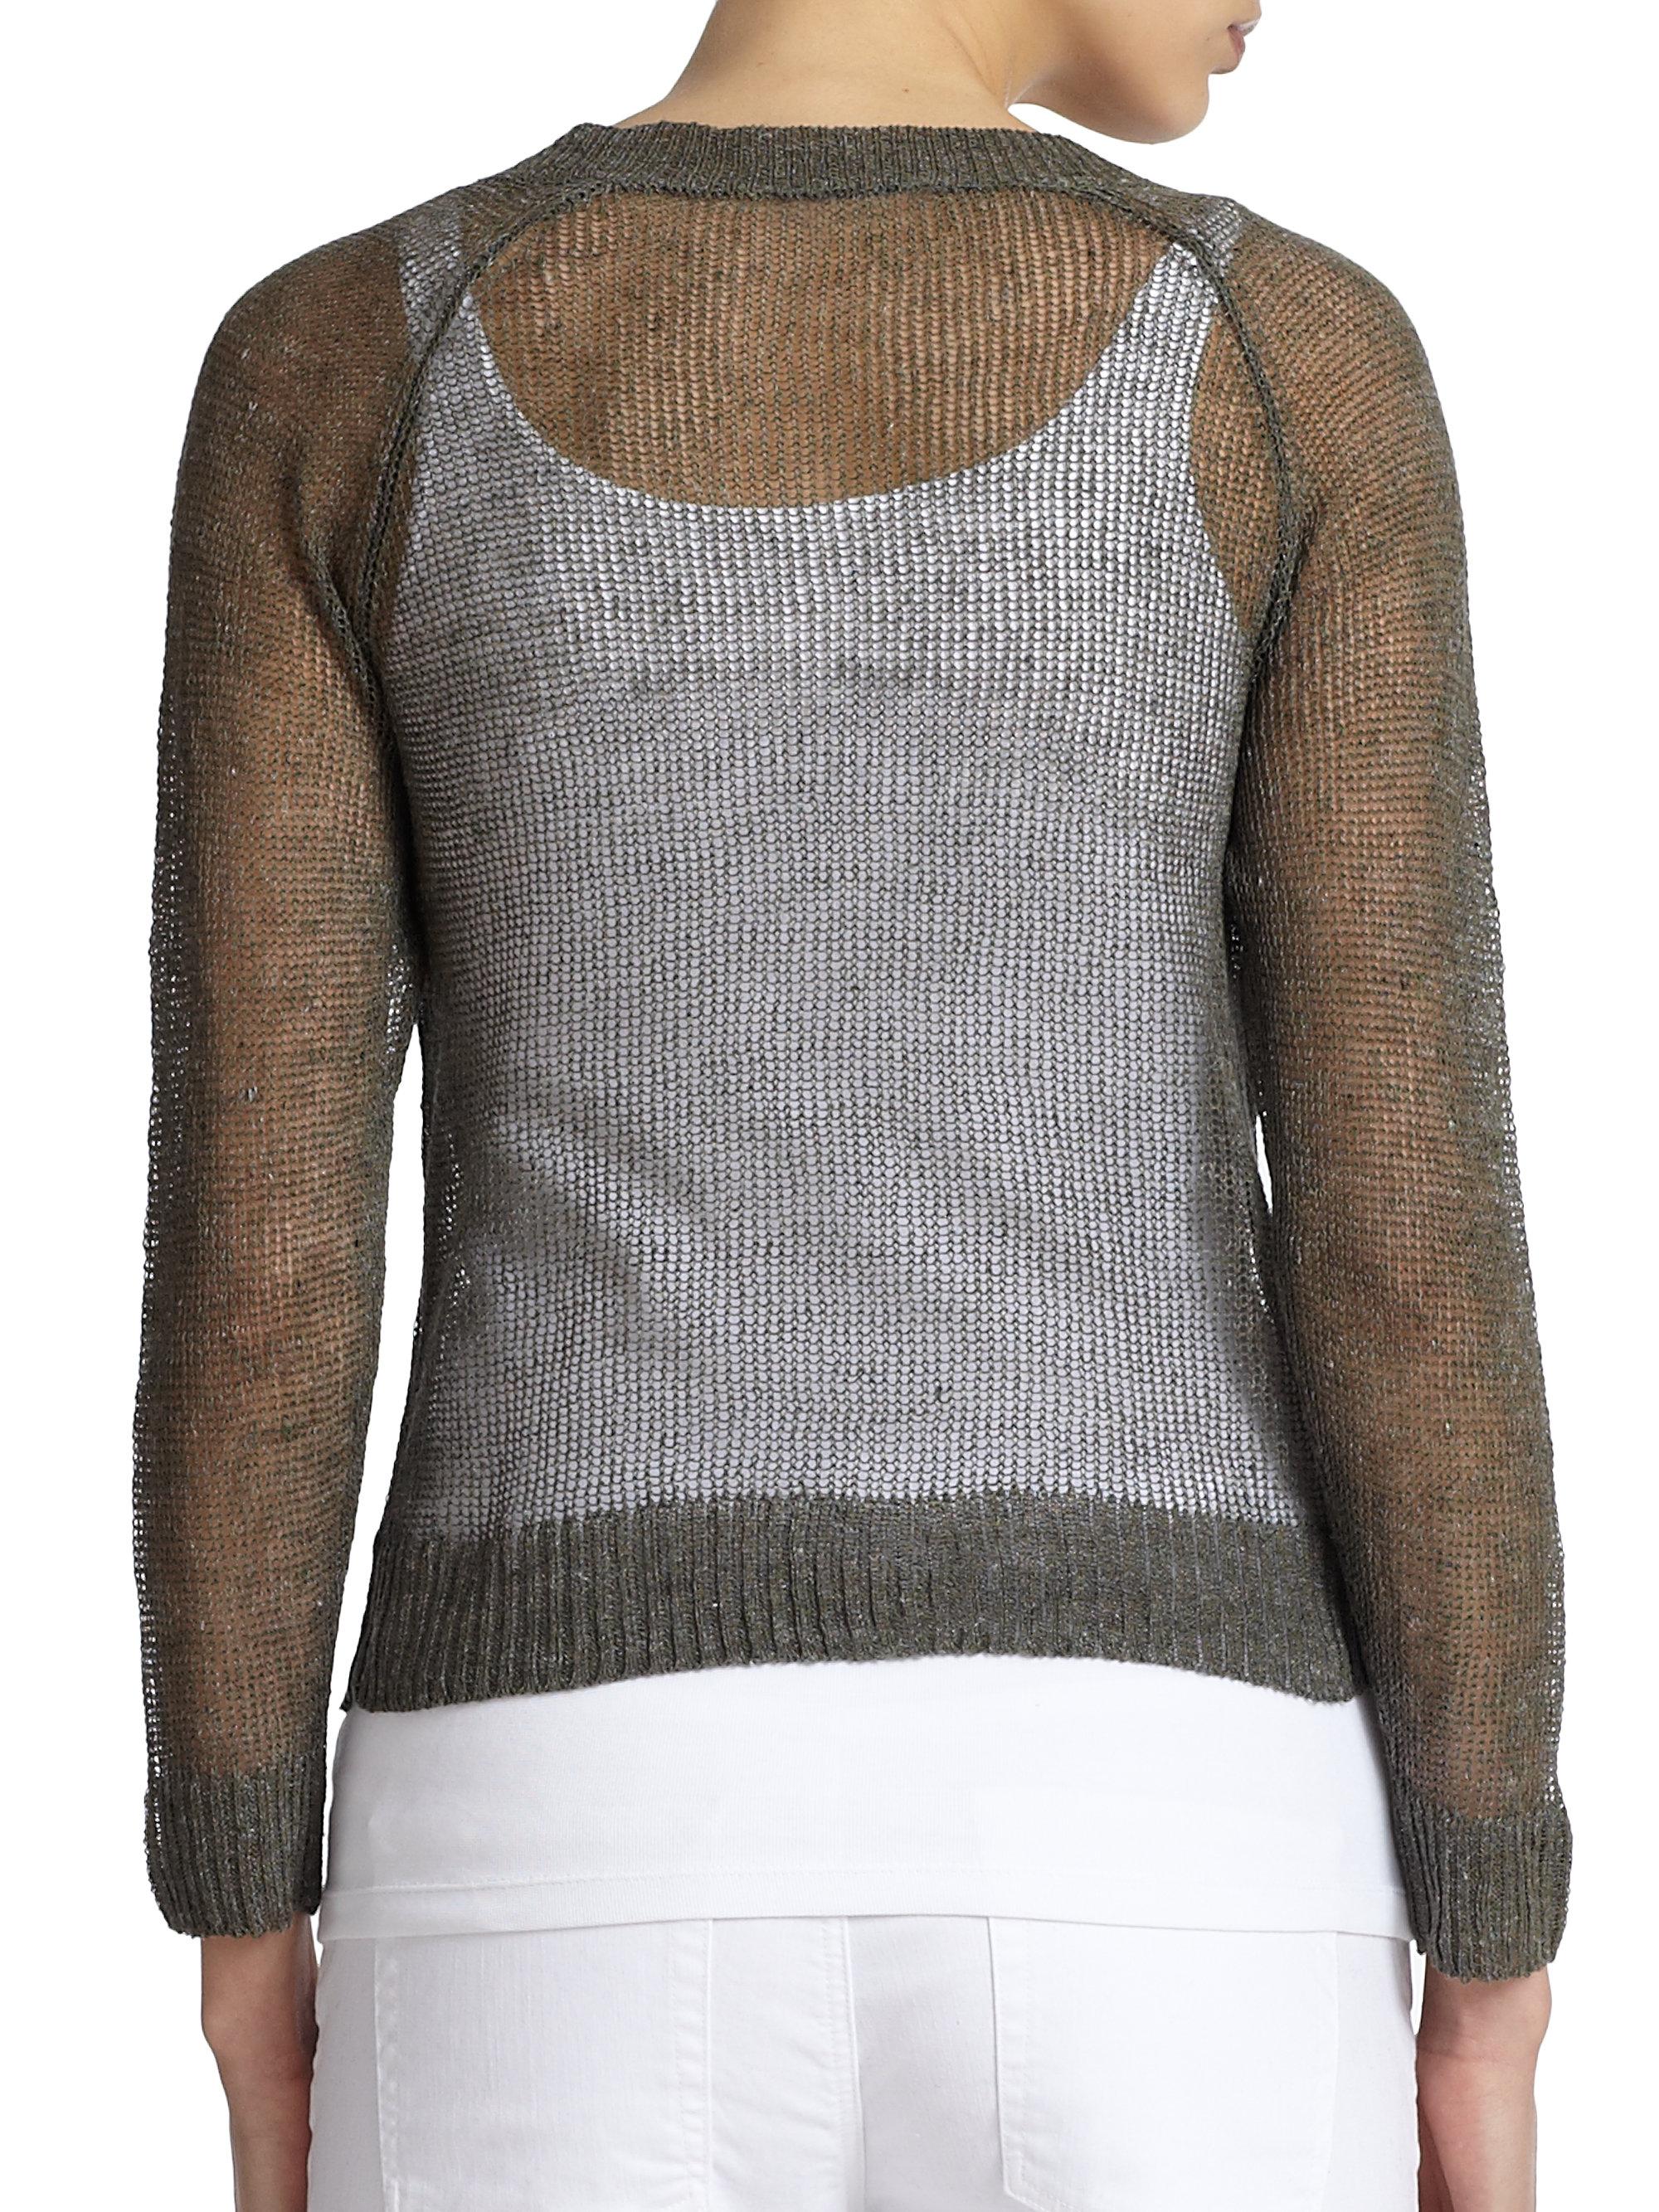 Eileen fisher Linen & Cotton Open-Knit Sweater in Green Lyst